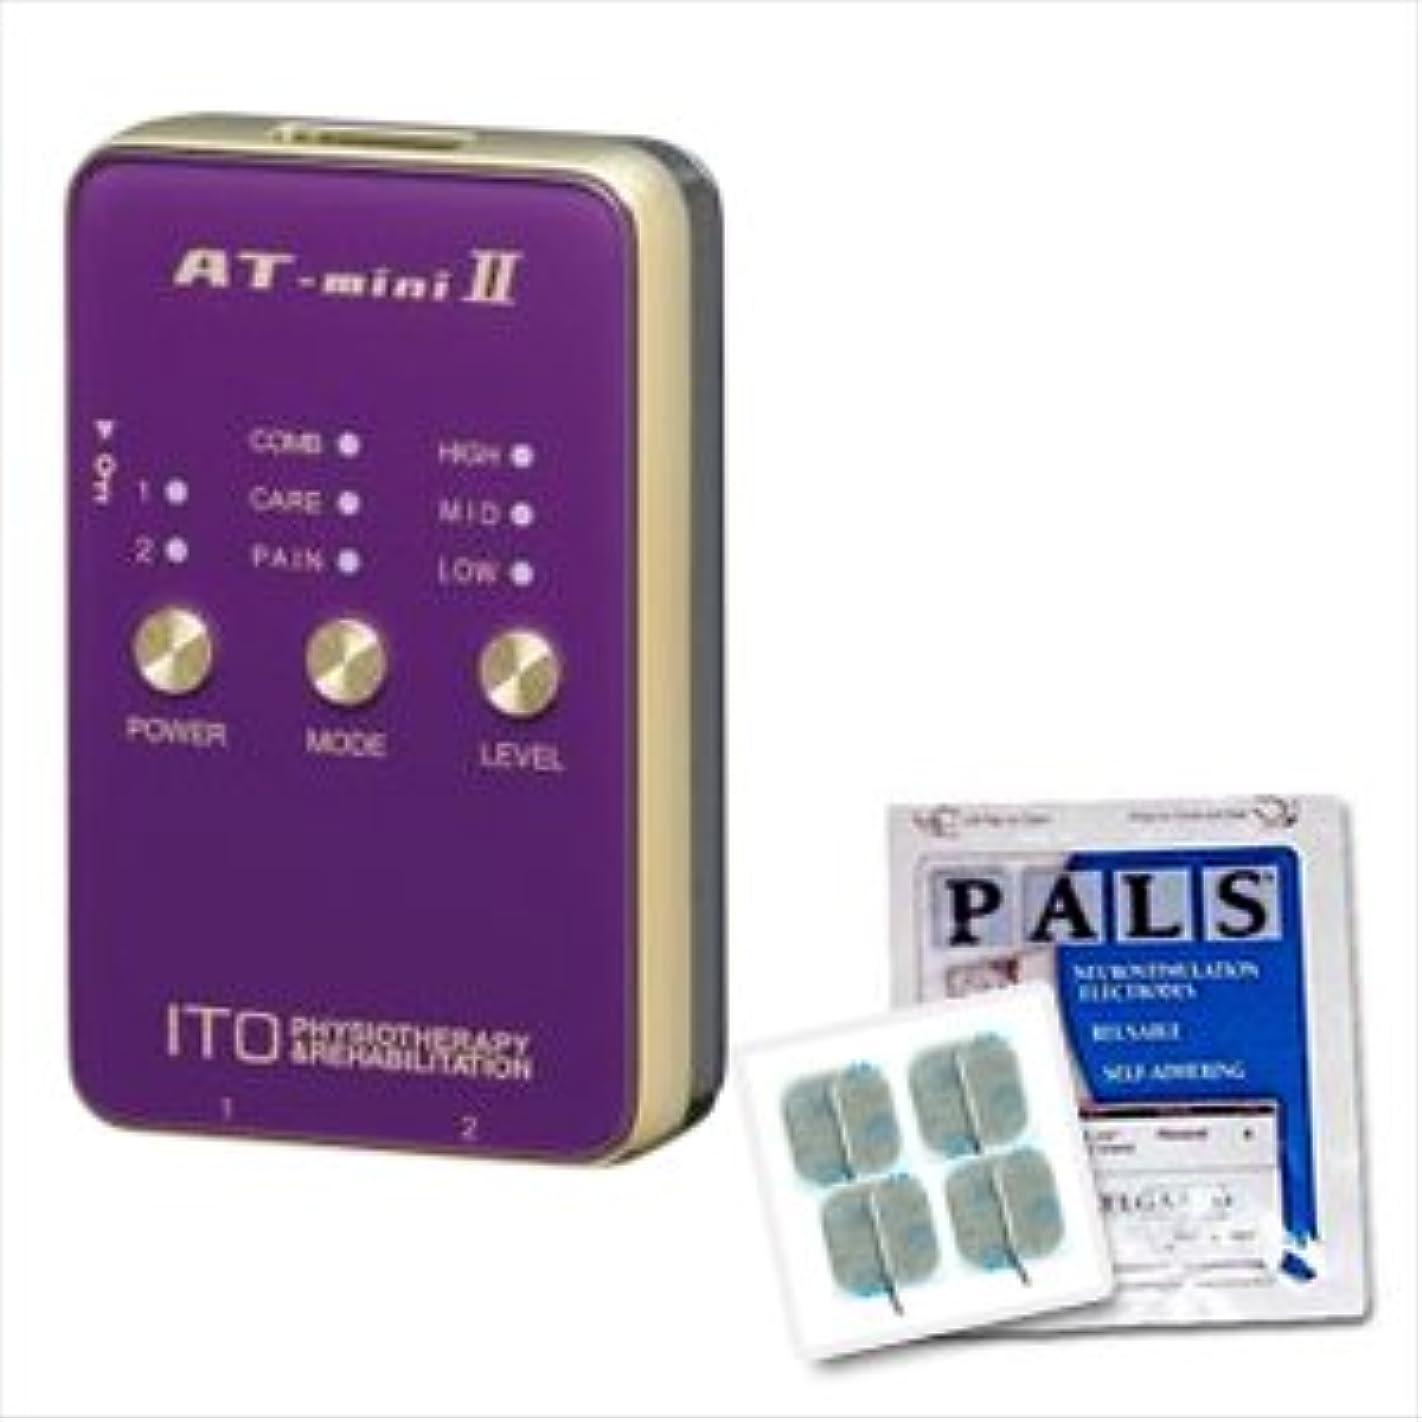 アート失敗おしゃれな低周波治療器 AT-mini II パープル +アクセルガードMサイズ(5x5cm:1袋4枚入)セット